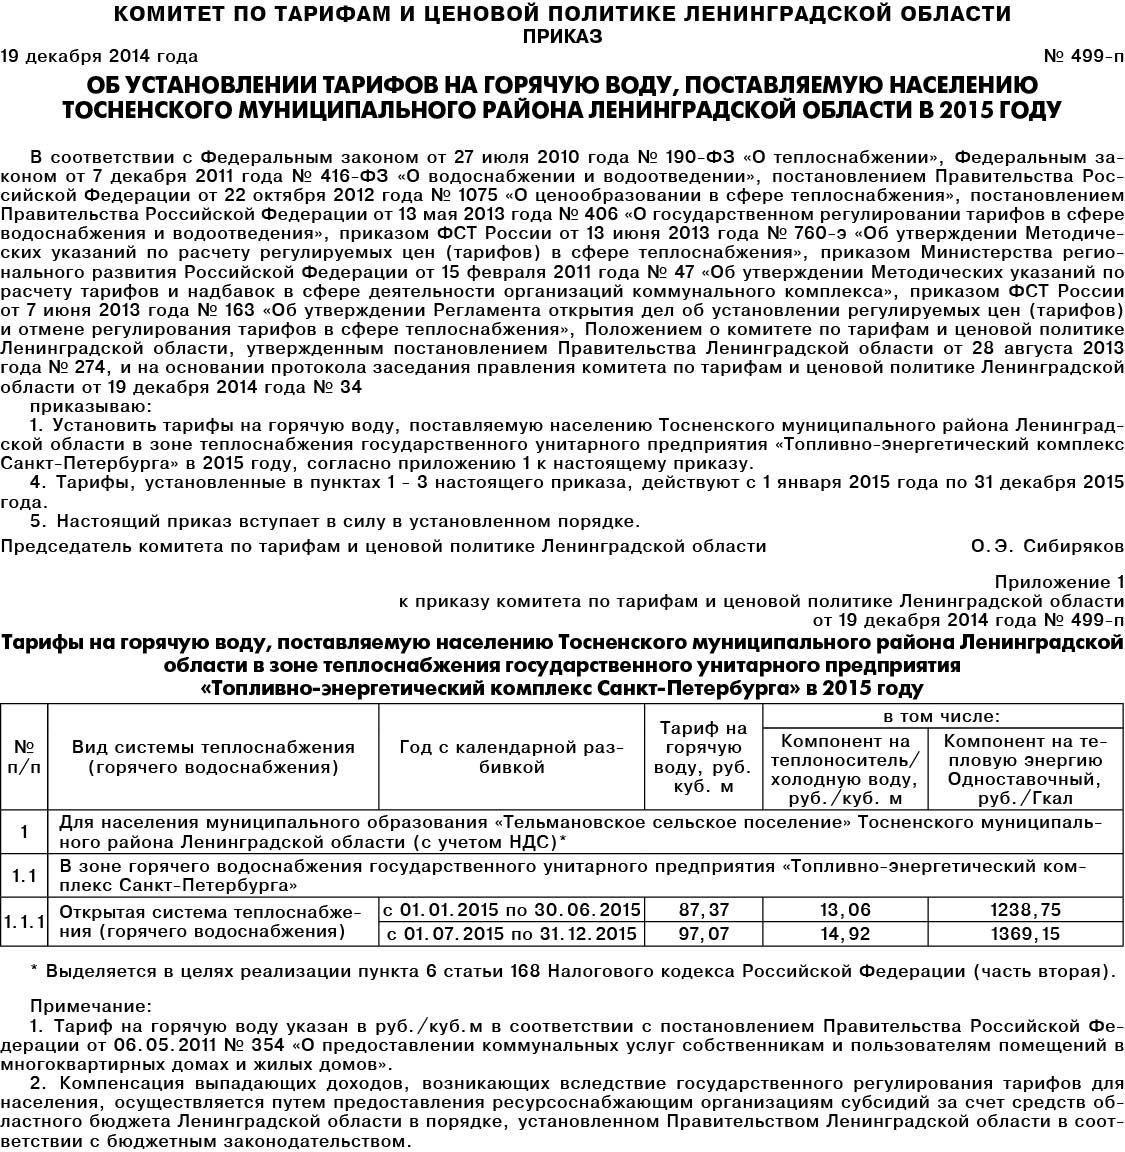 Раскрытие информации  2015гИнформация о предложении регулируемой организации об установлении цен тарифов в сфере теплоснабжения на очередной расчетный период регулирования